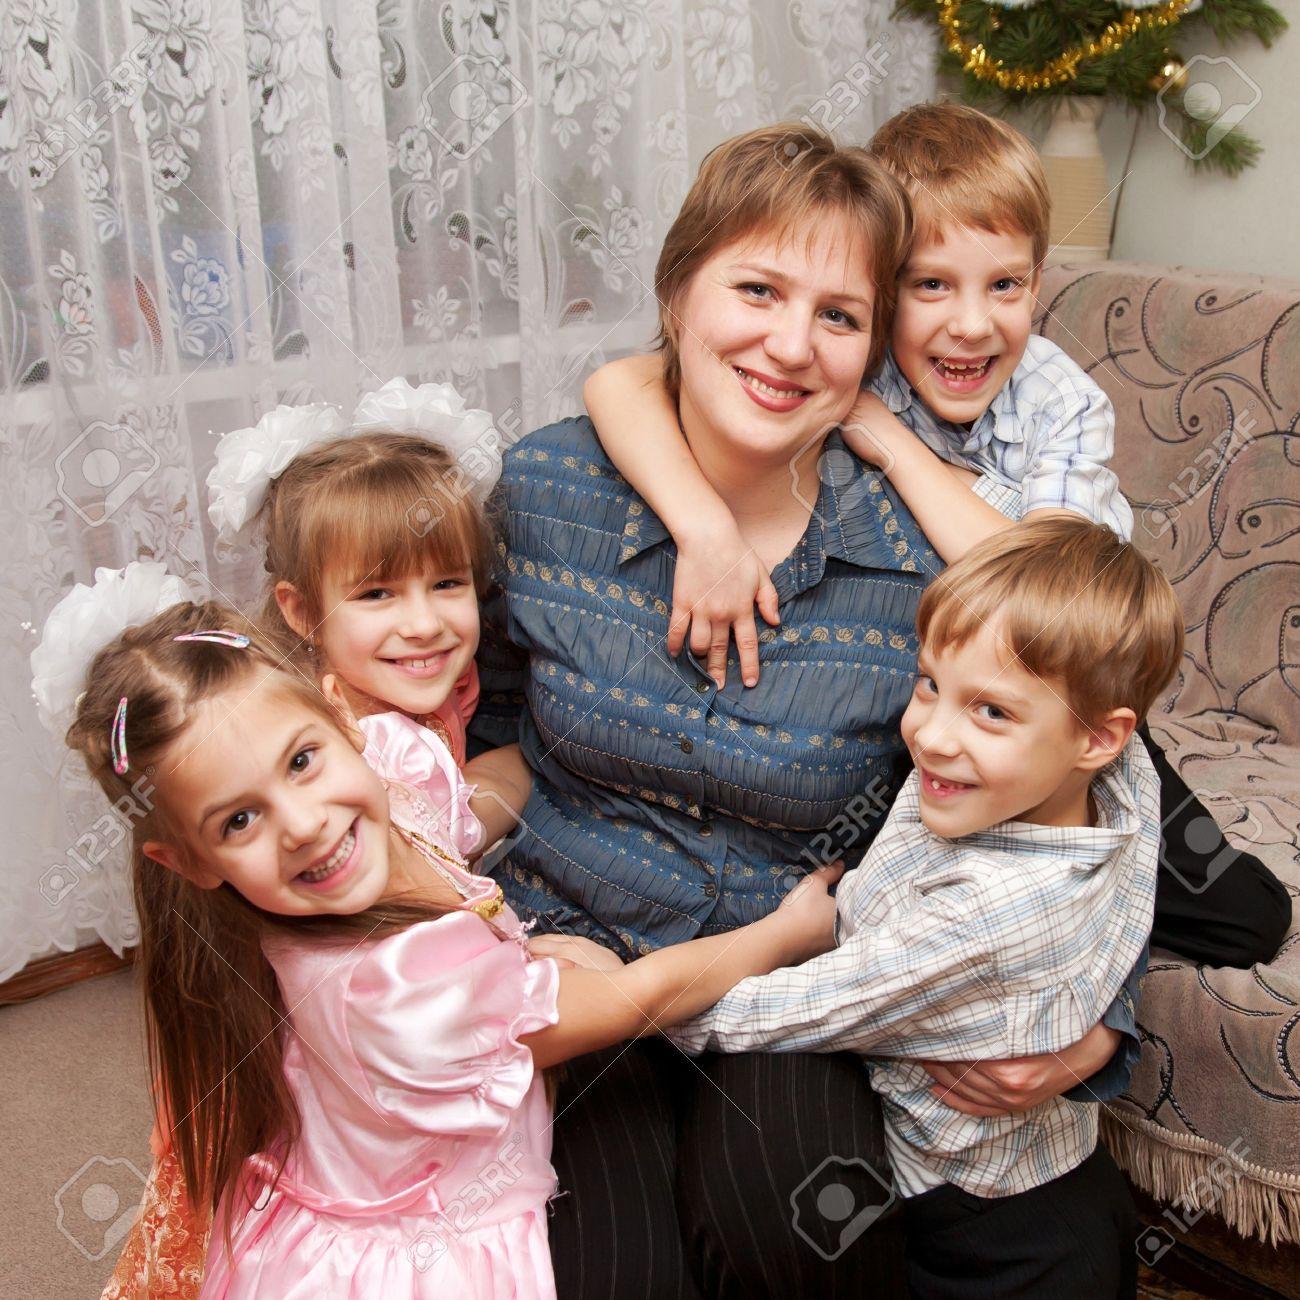 ec04f4fbe7c9c Banque d images - Quatre enfants étreignant la mère. Famille et le concept  de l amour.